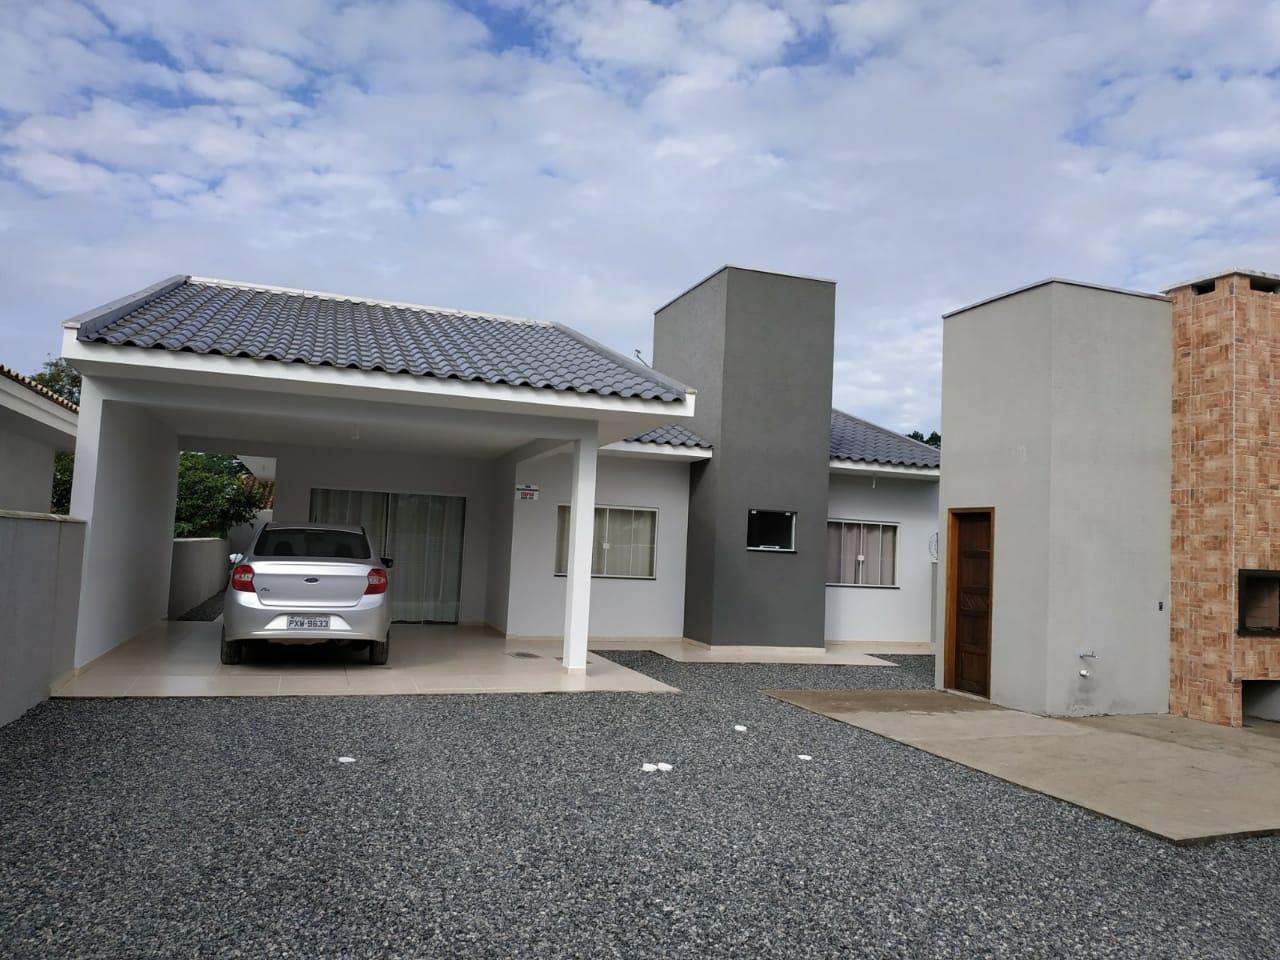 Casa com 3 dormitórios à venda, 140 m² por R$ 390.000,00 - Brasília - Itapoá/SC